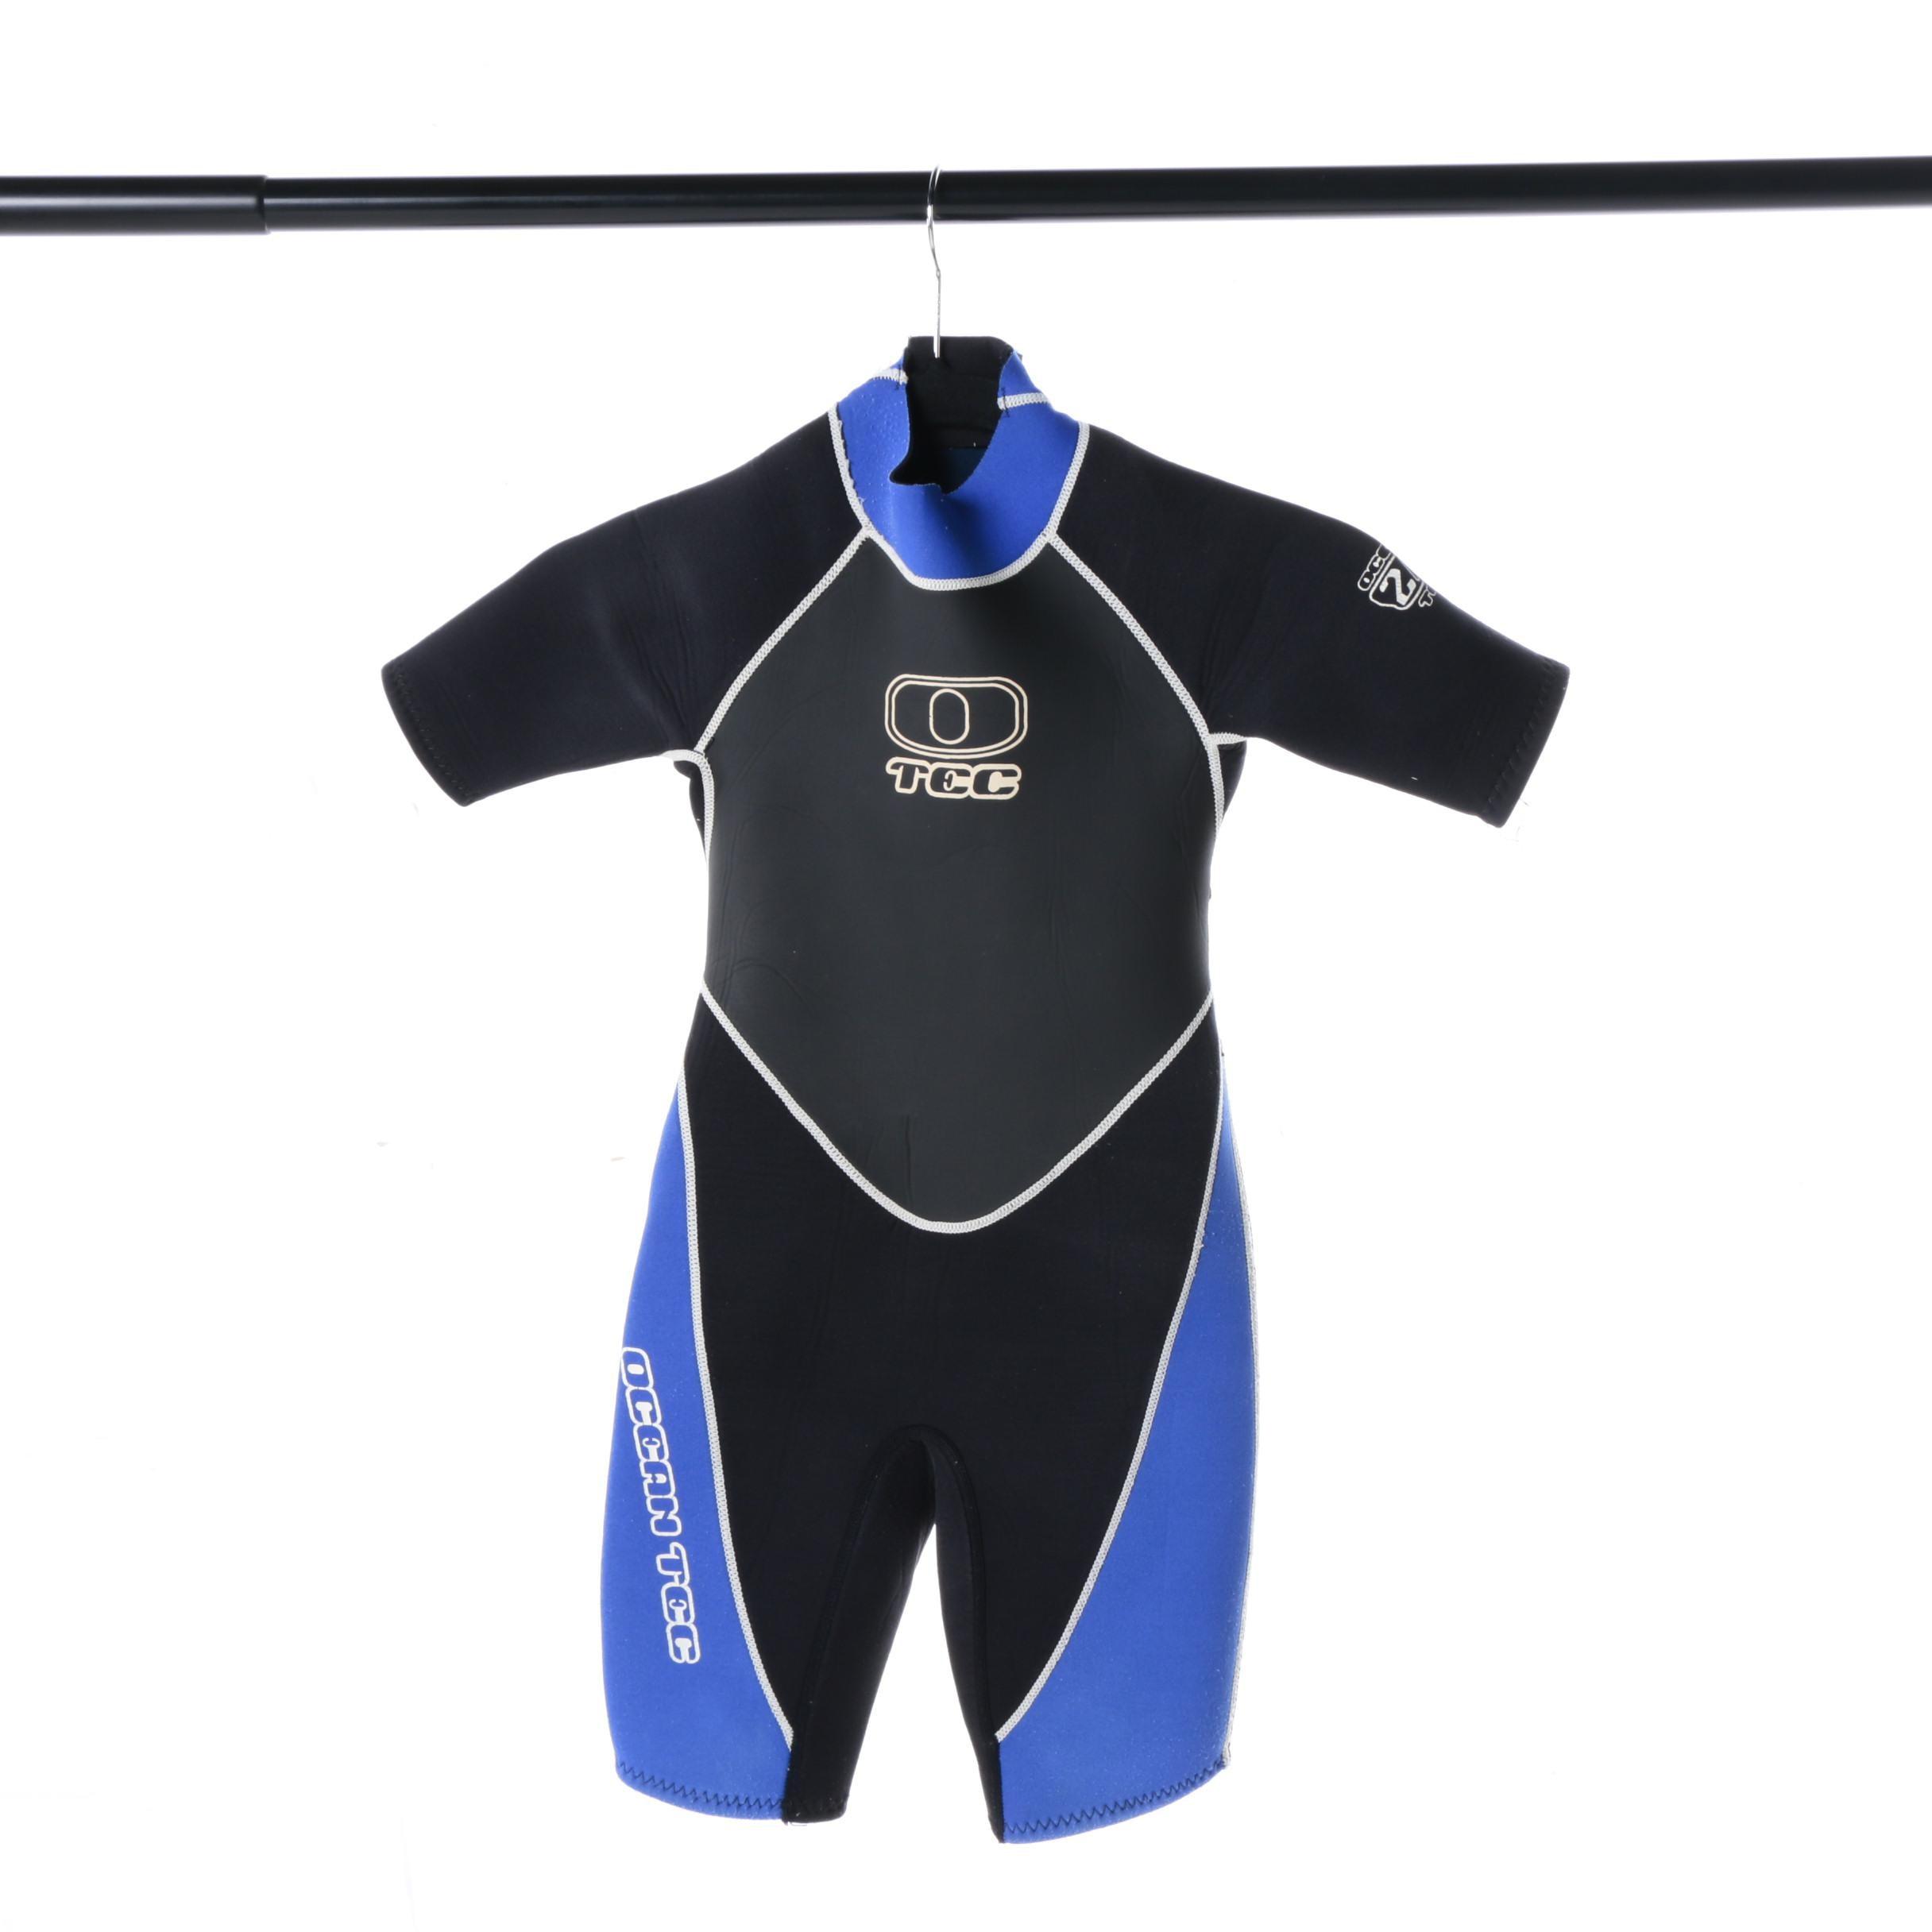 Ocean Tec 2/2 Children's Shorty Wet Suit